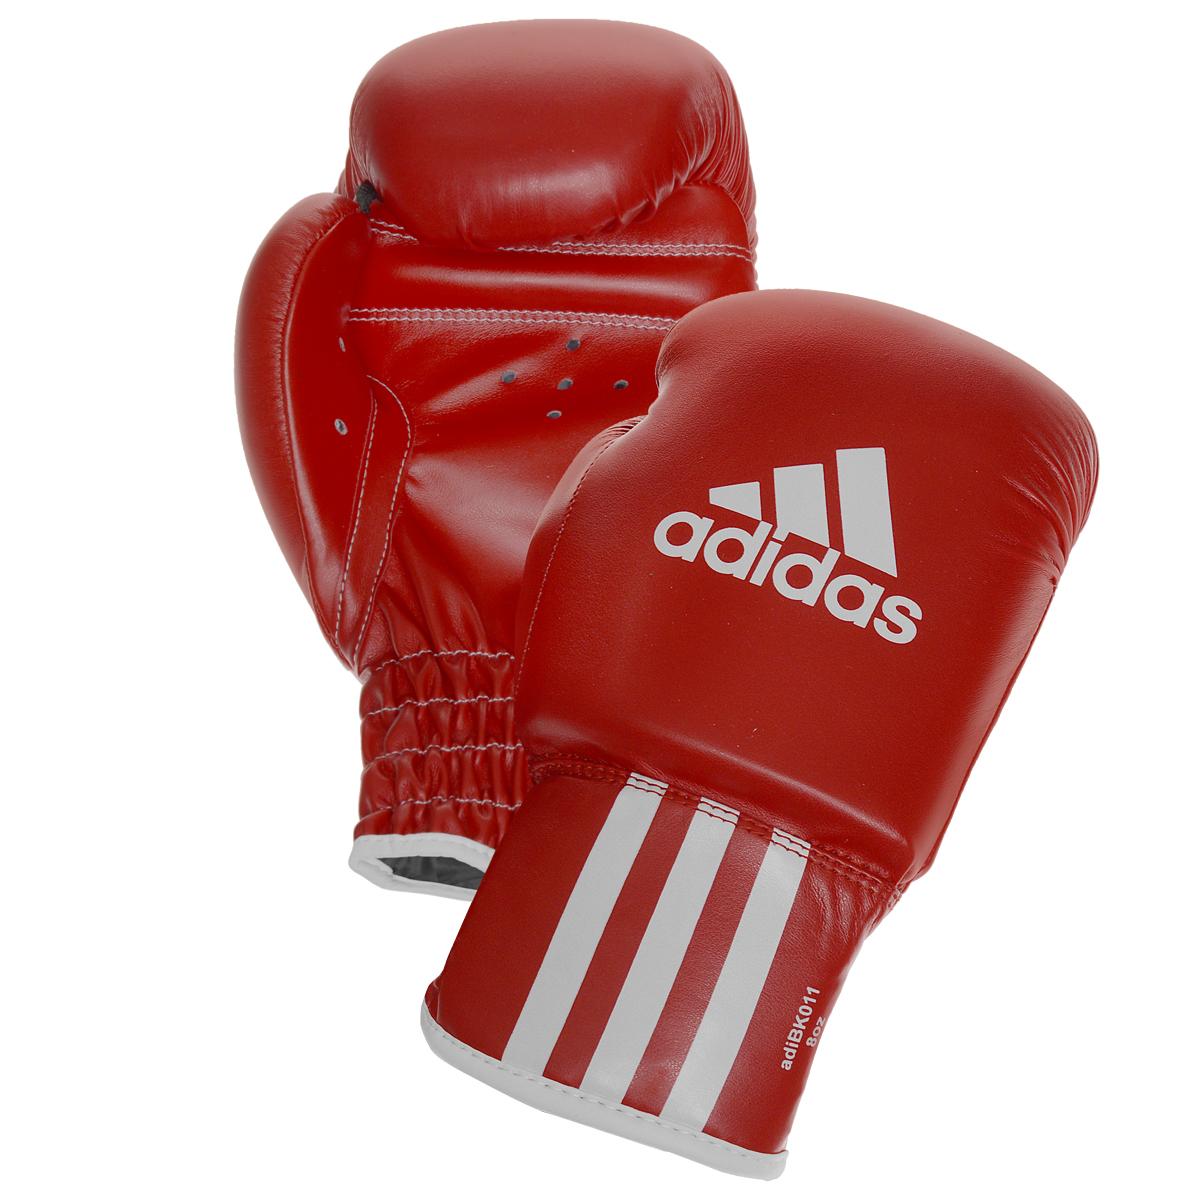 Перчатки боксерские Adidas Rookie-2, цвет: красный. adiBK011. Вес 8 унций